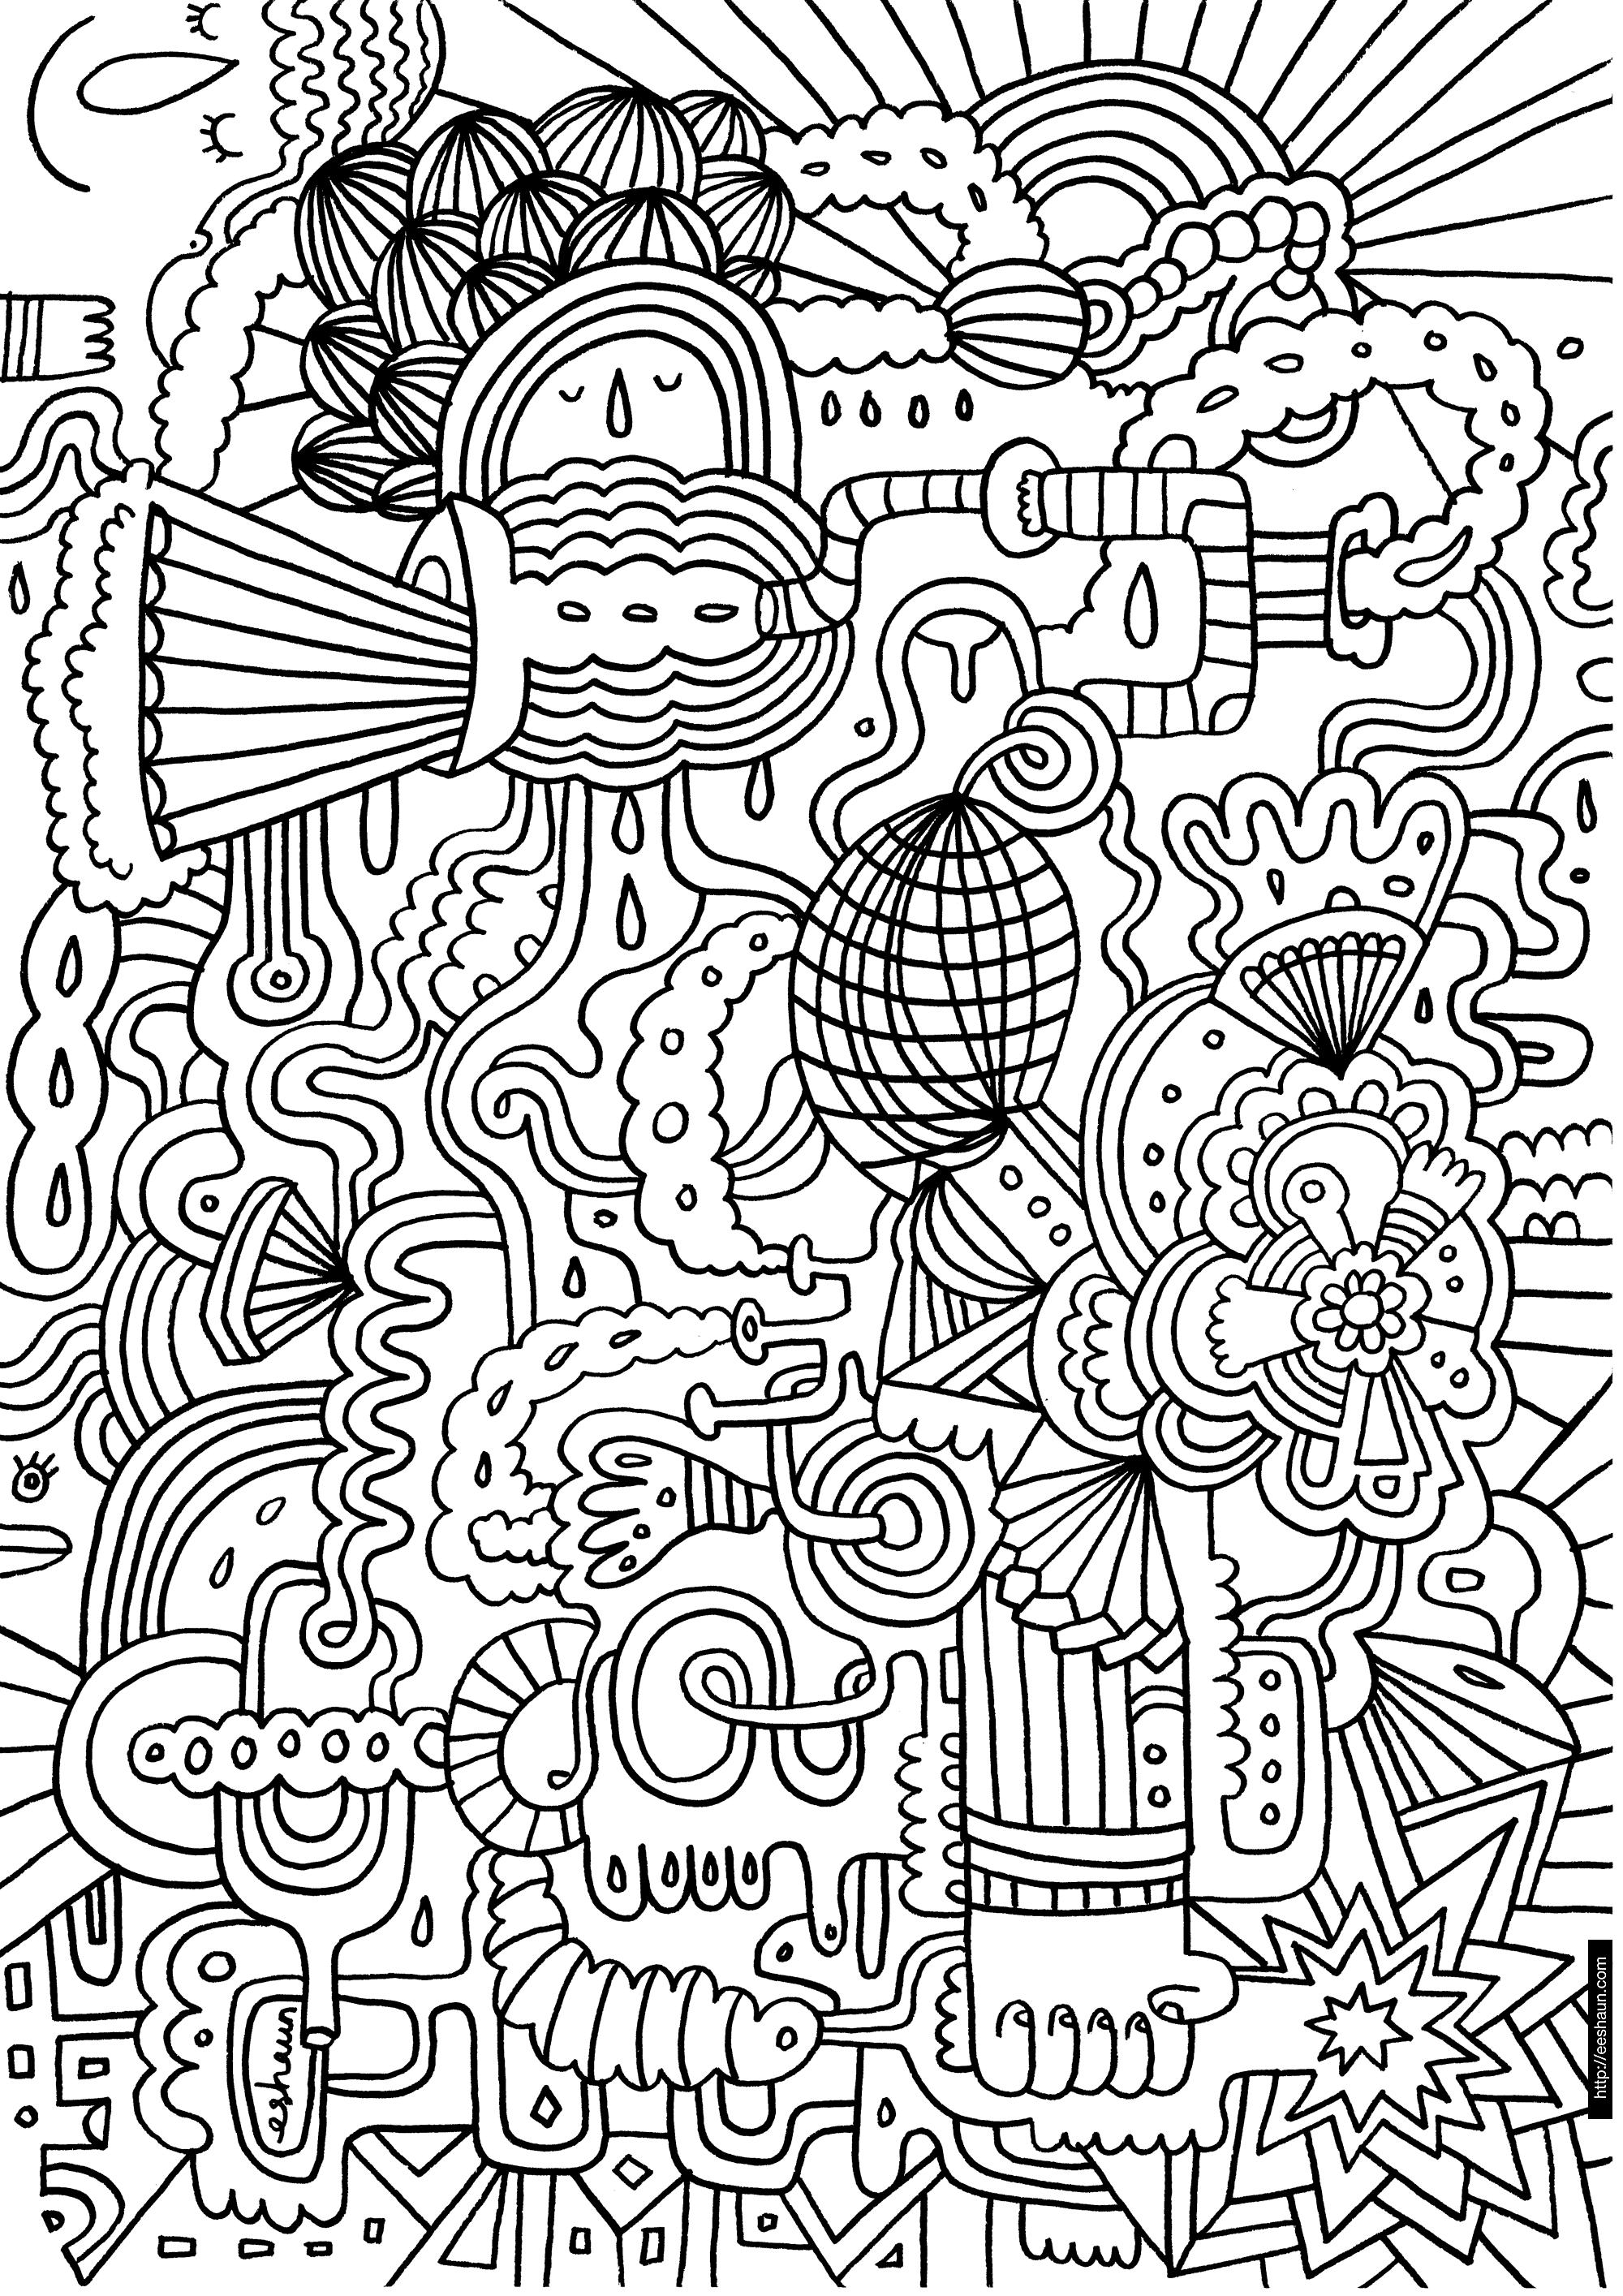 59 Dessins De Coloriage Difficile A Imprimer Sur Laguerche Com Page 4